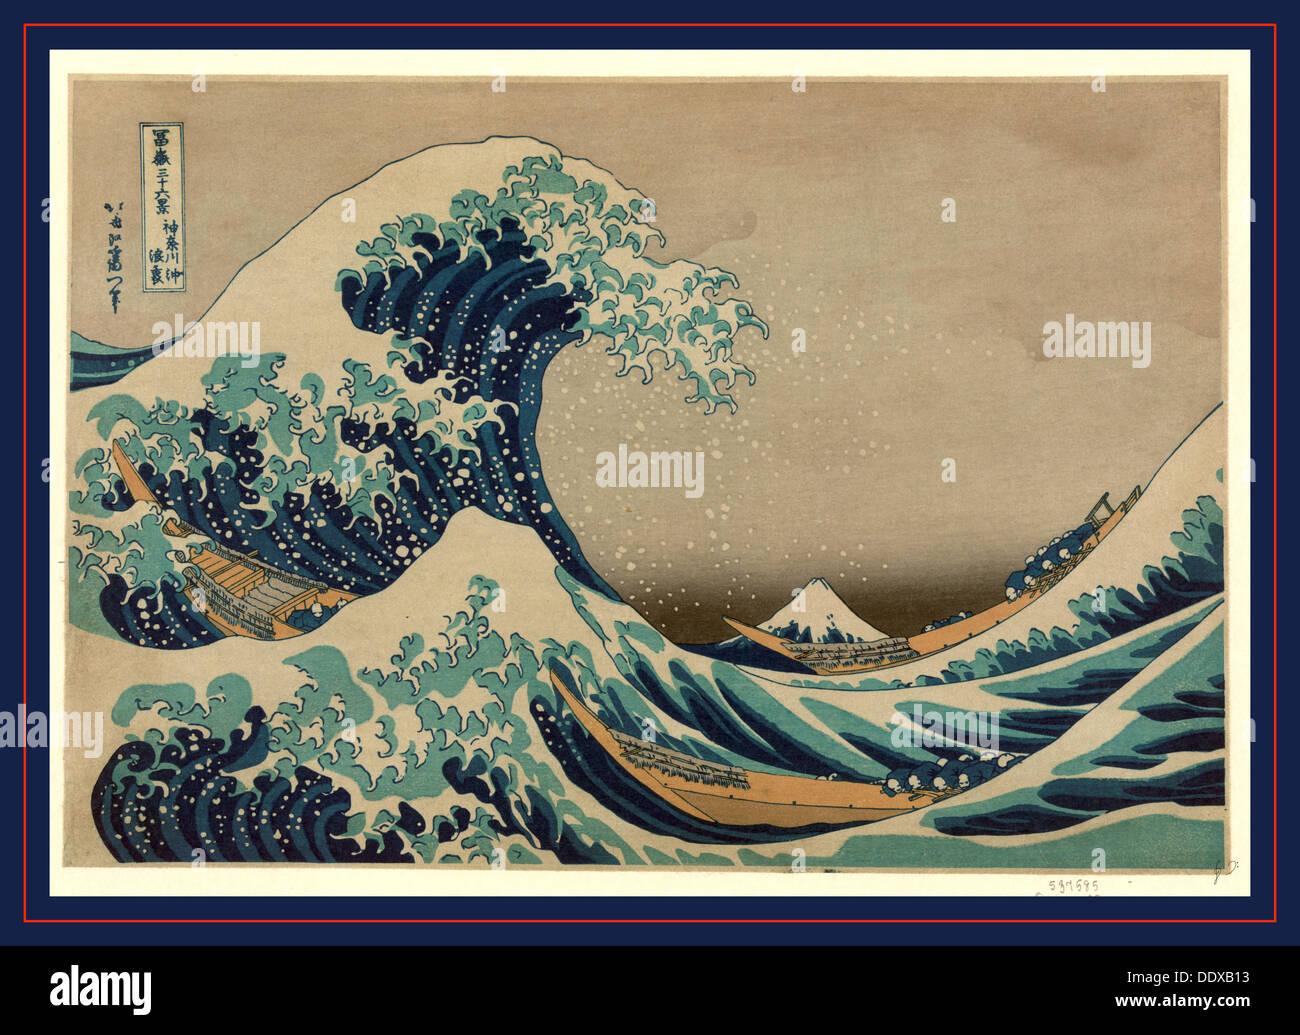 Kanagawa oki nami ura, a grande onda off shore de Kanagawa. [Entre 1826 e 1833, impresso mais tarde], 1 impressão Imagens de Stock